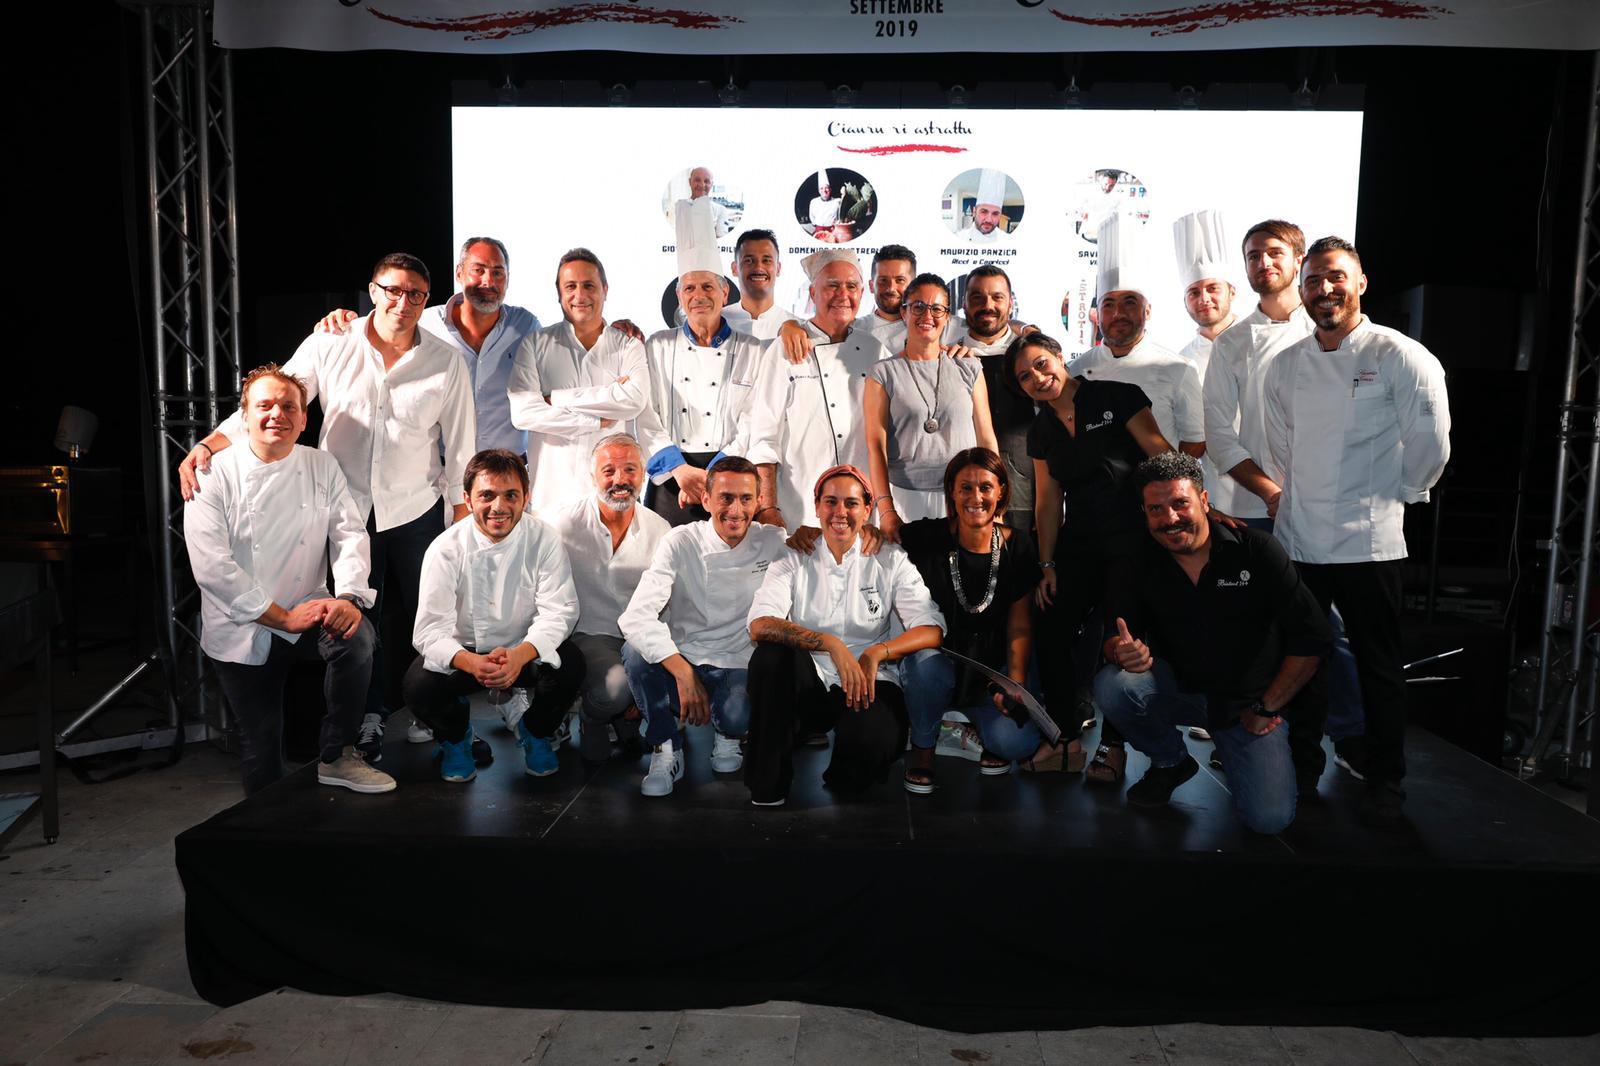 Ciauru di Astrattu 2019 | Sicilia da Gustare